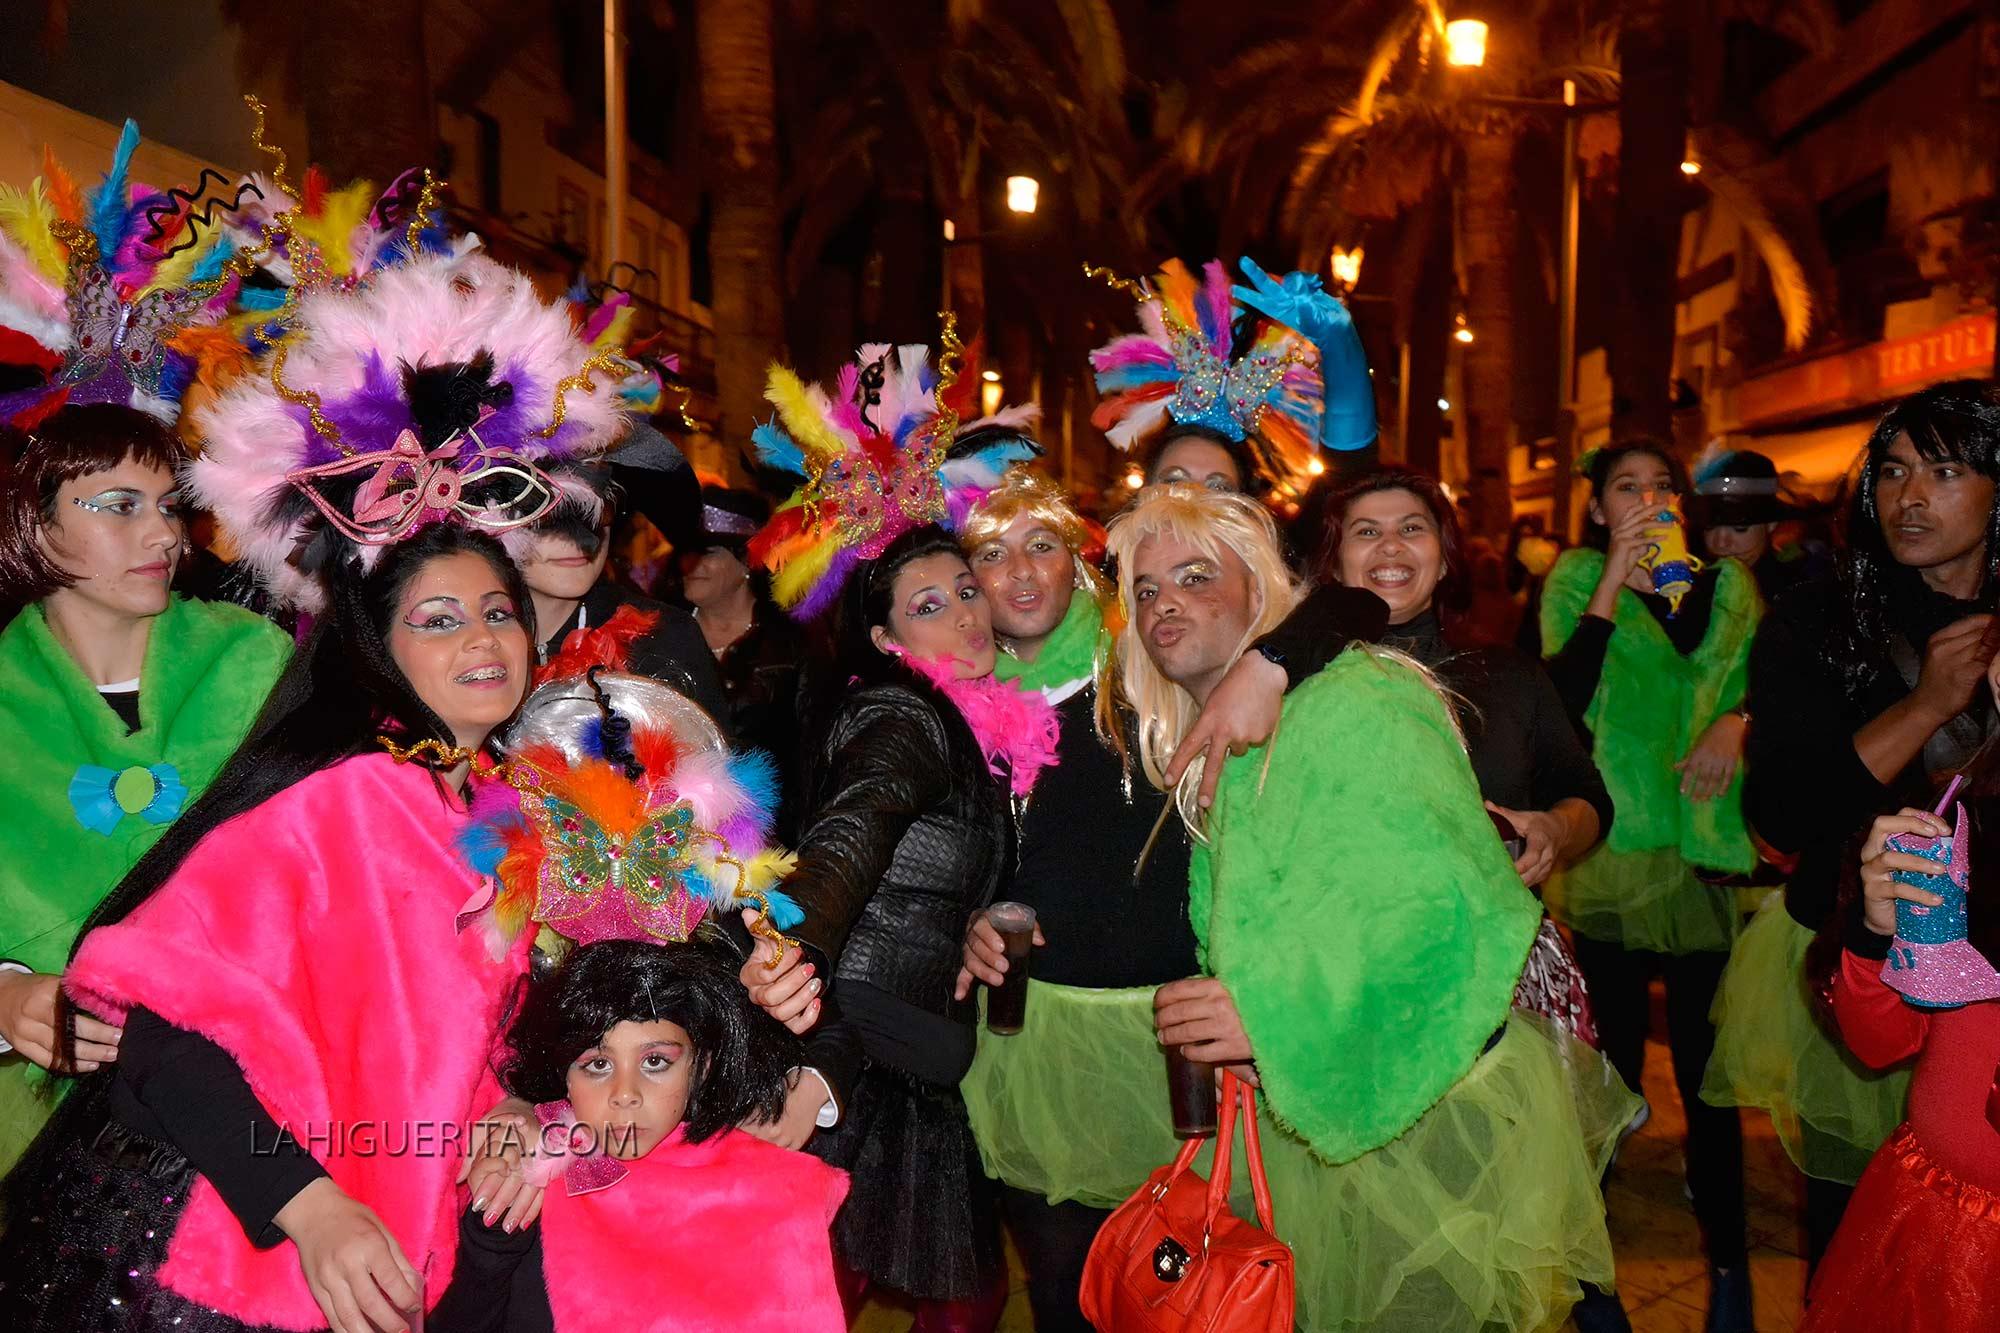 Entierro de la sardina carnaval isla cristina _DSC2123